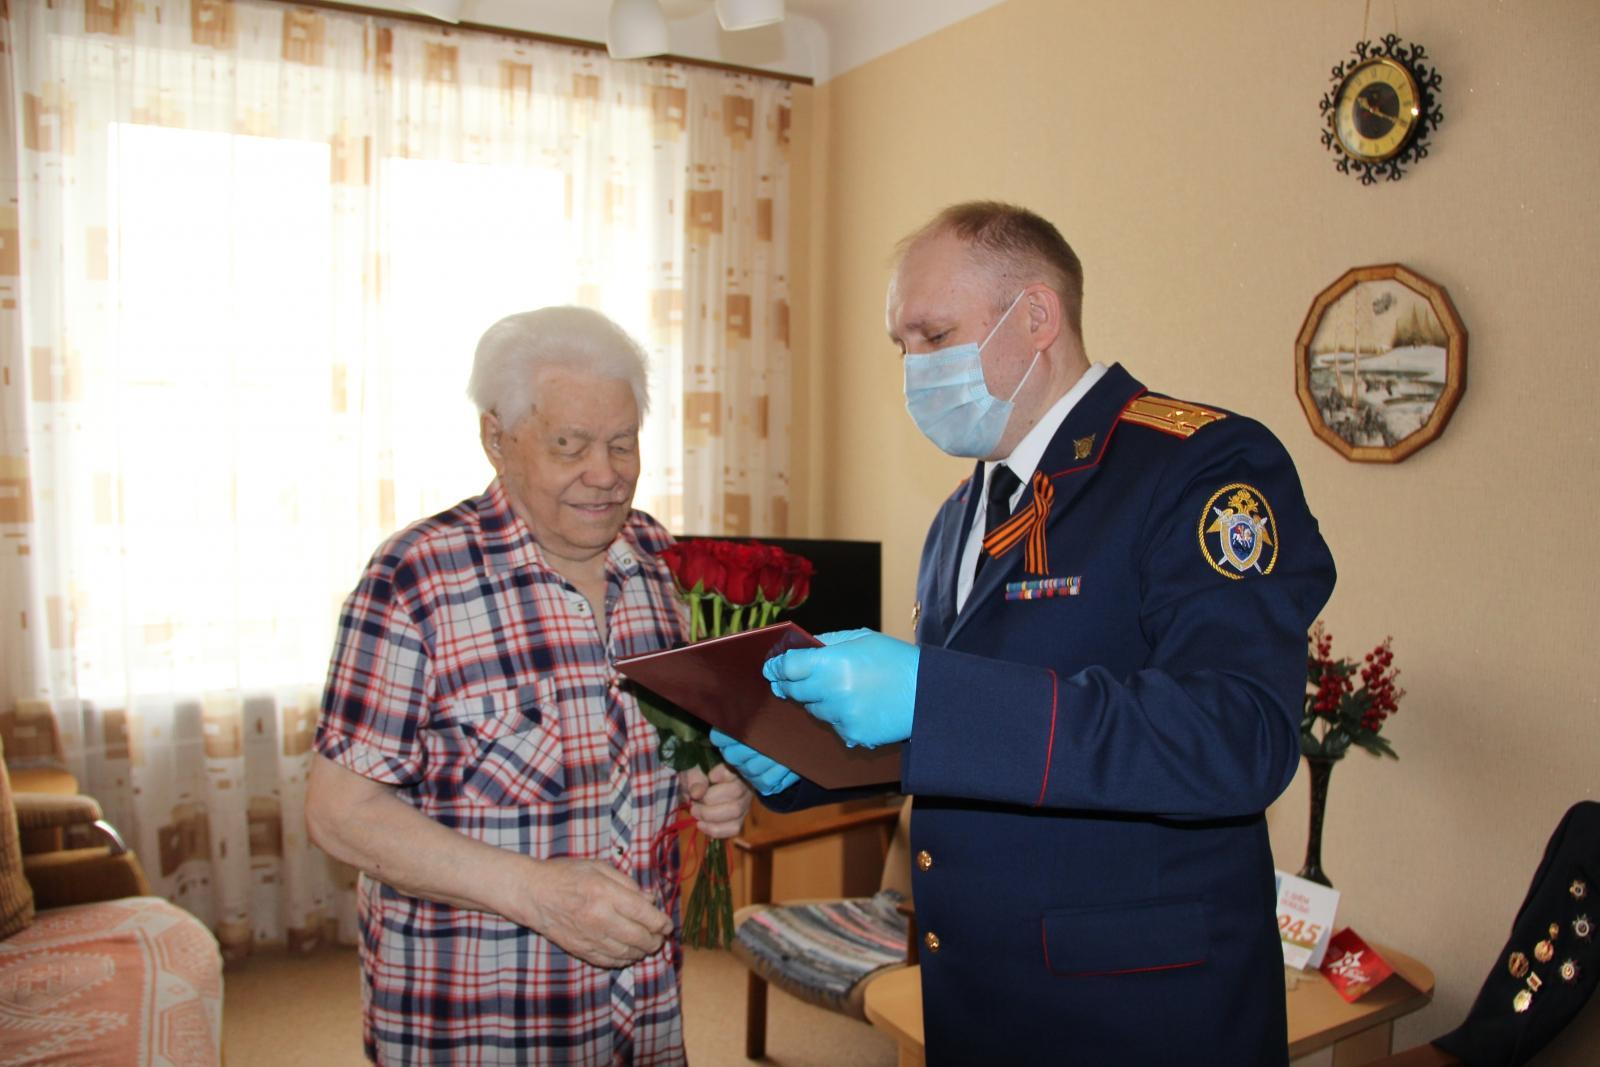 фото Сотрудники следственного управления Новосибирска поздравили ветерана Великой Отечественной войны с Днём Победы 3